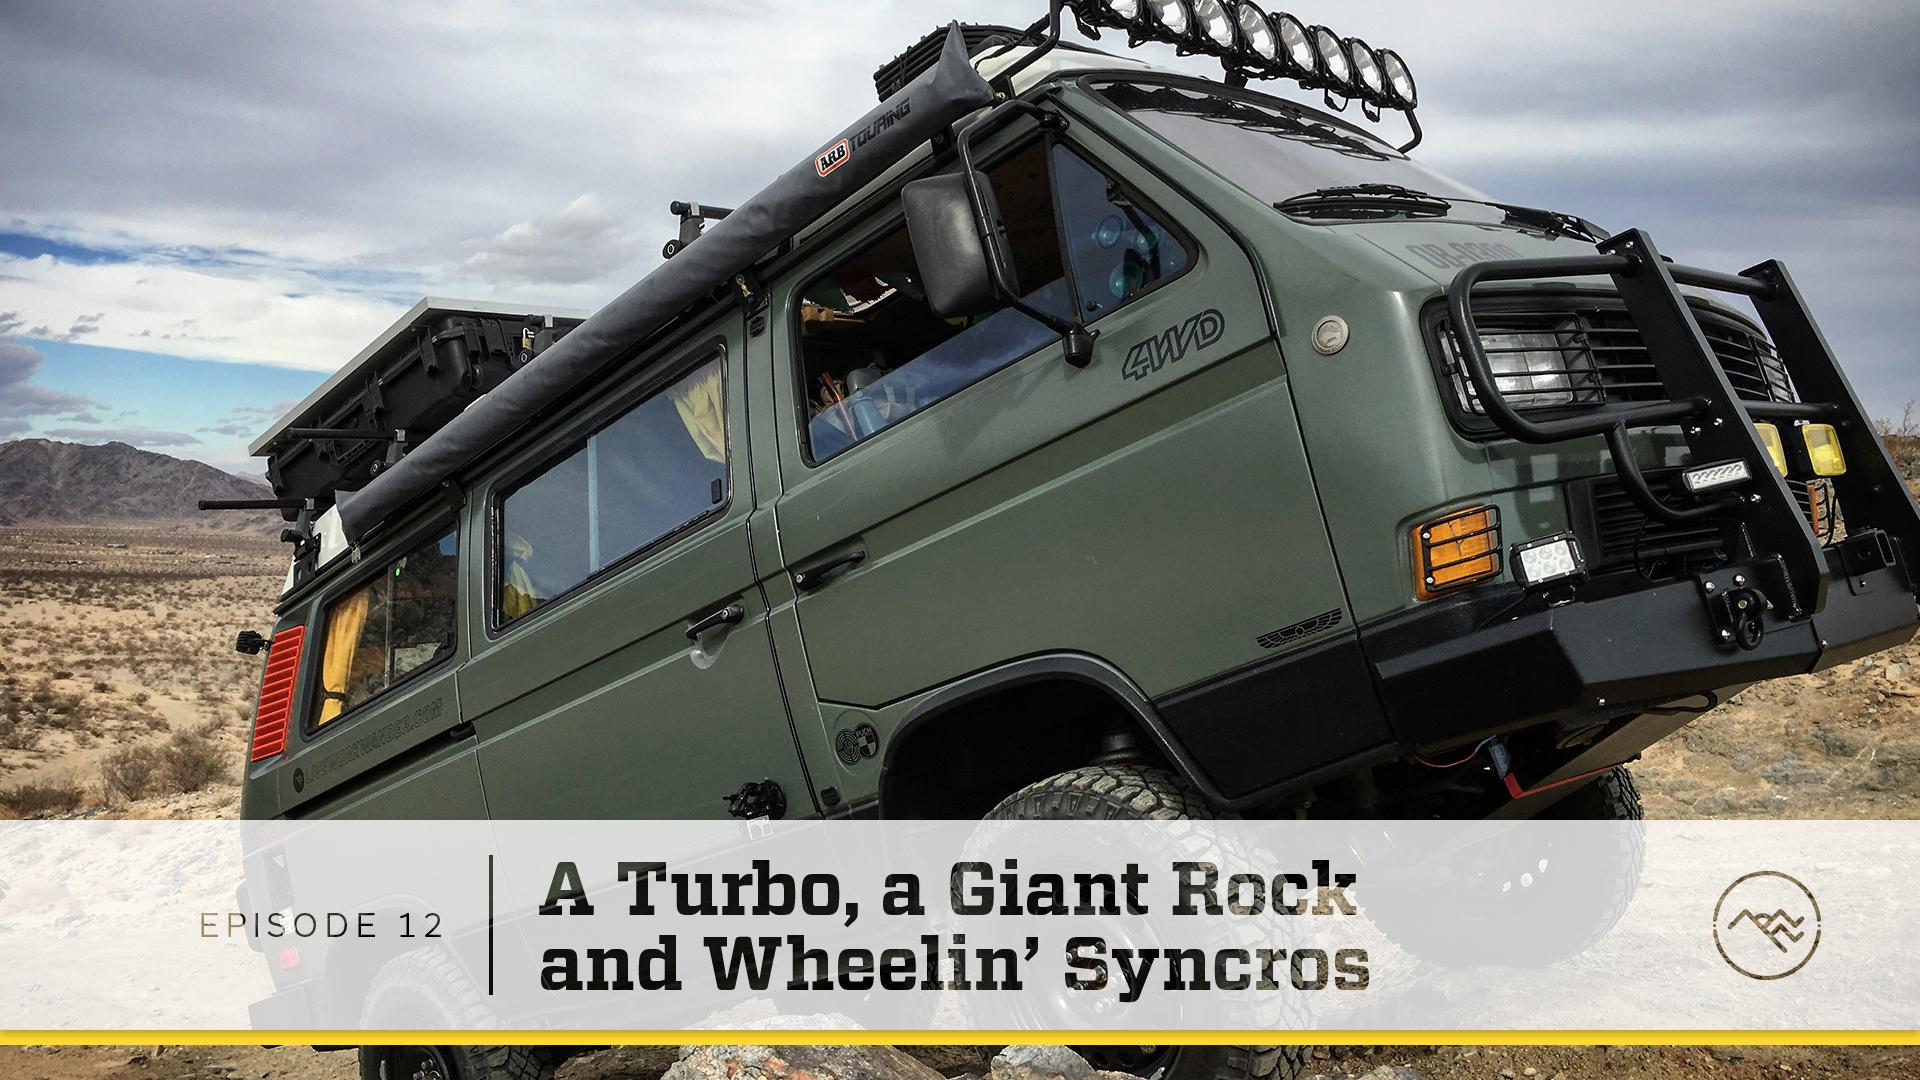 E012 : A Turbo, a Giant Rock, and Wheelin' Syncros